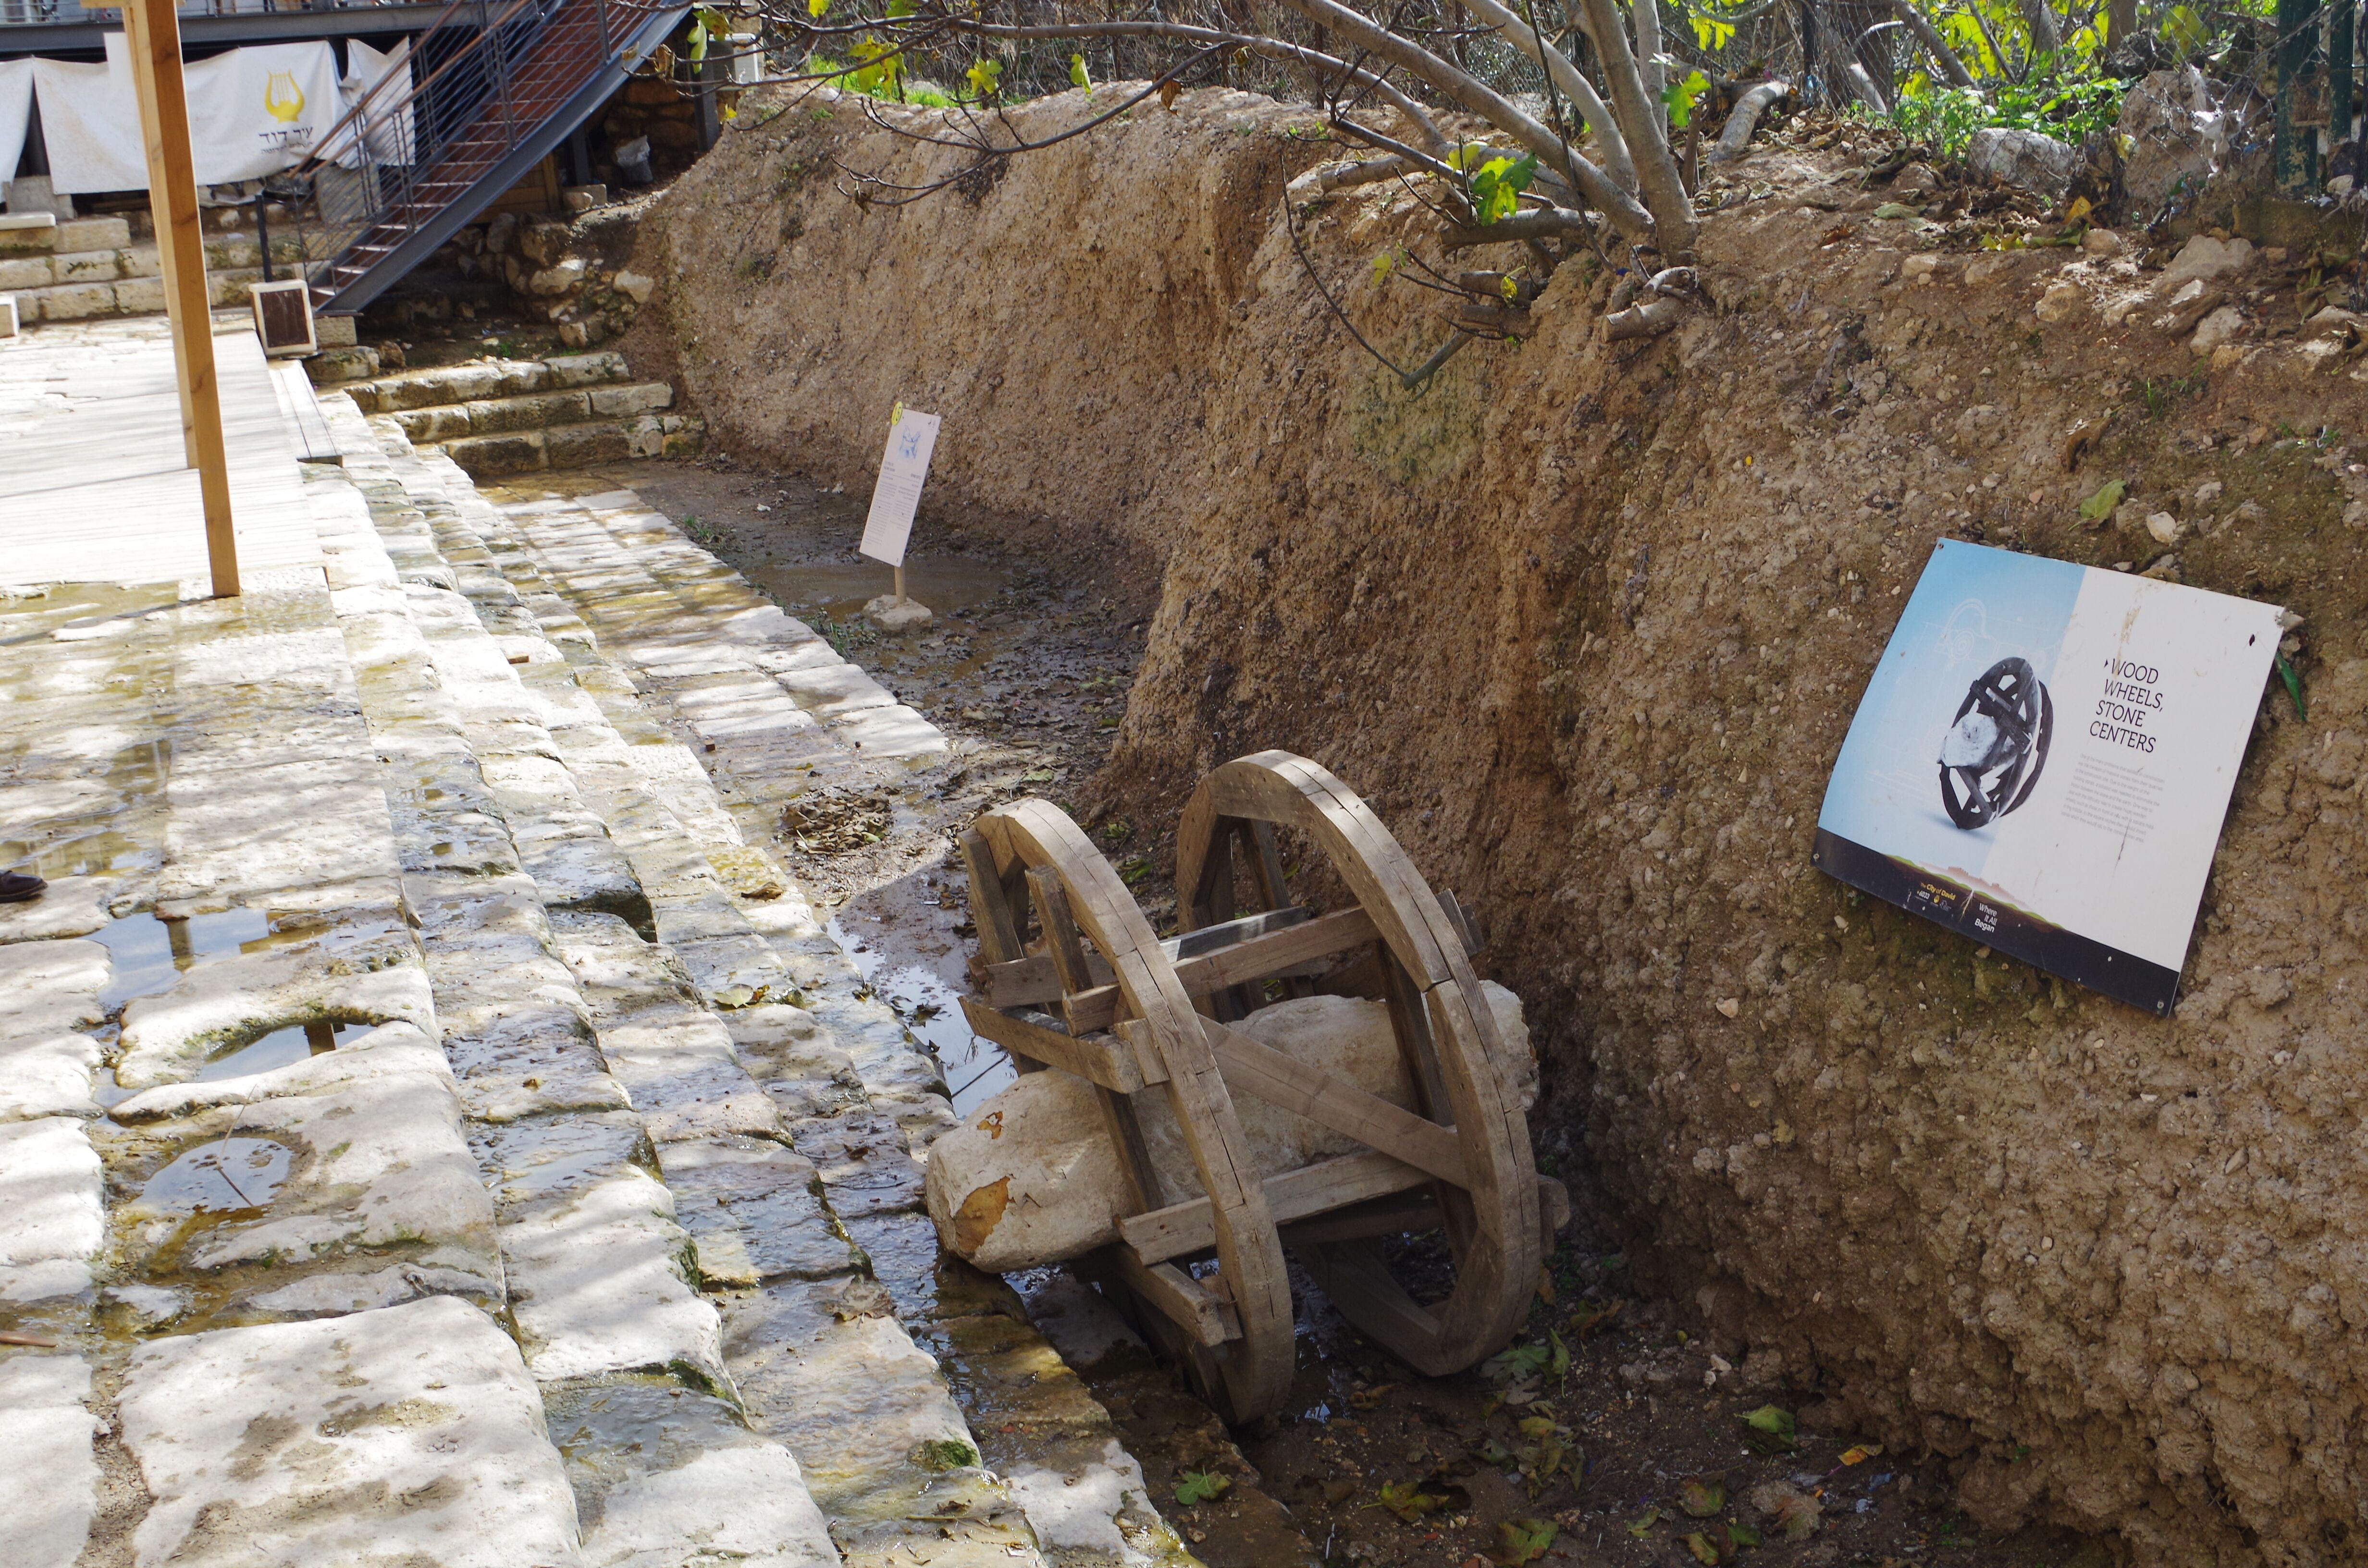 Israel - ausgegrabener Teich Siloah in der Davidstadt (Jerusalem) mit Steintransportmittel